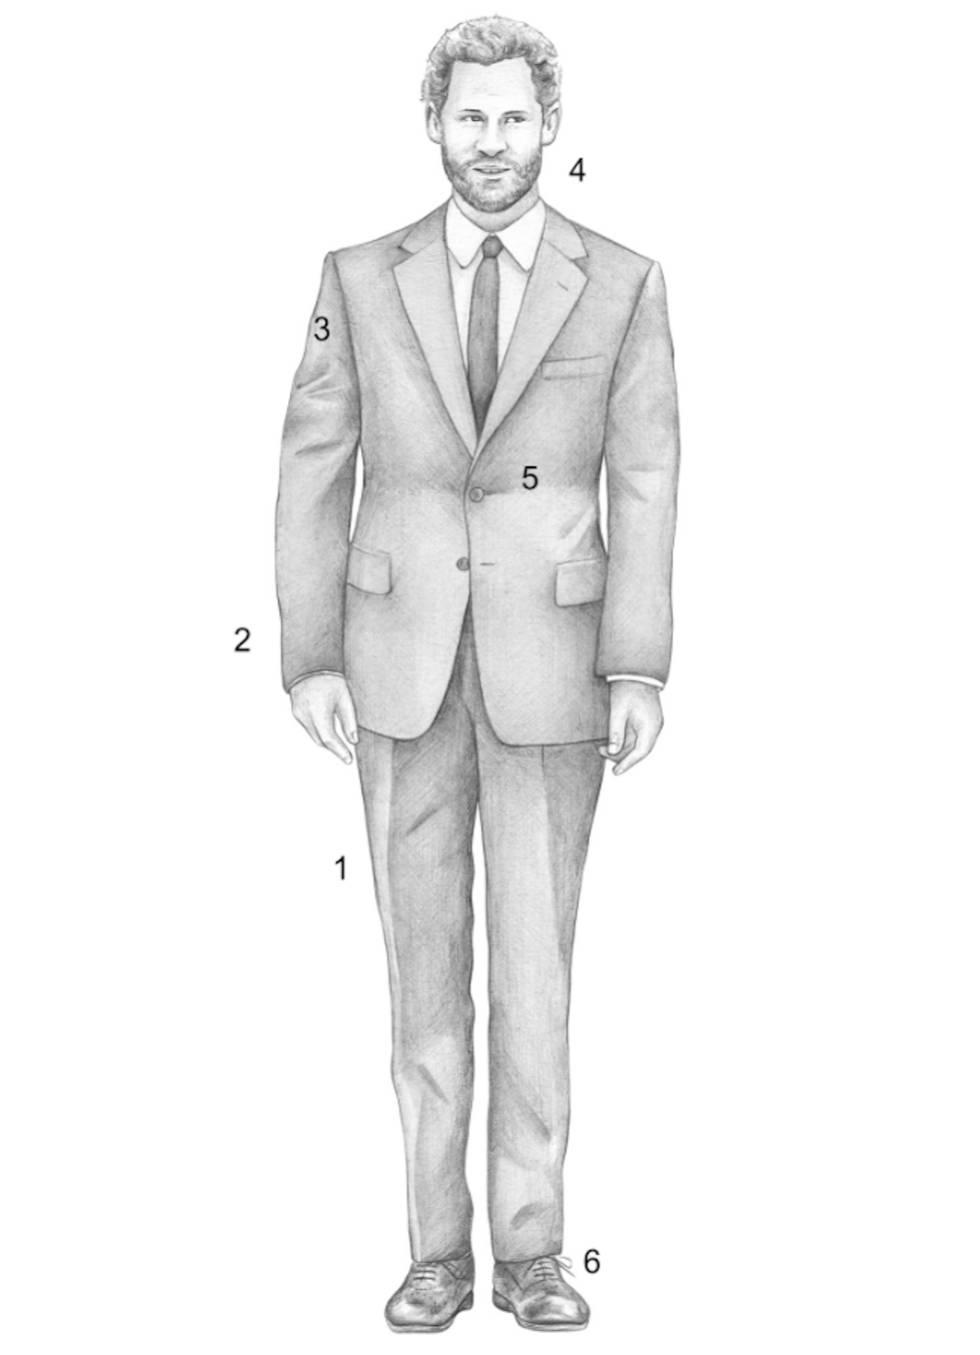 58f5c822cea8e De las bermudas a la americana de dos botones  analizamos el concepto de  elegancia de